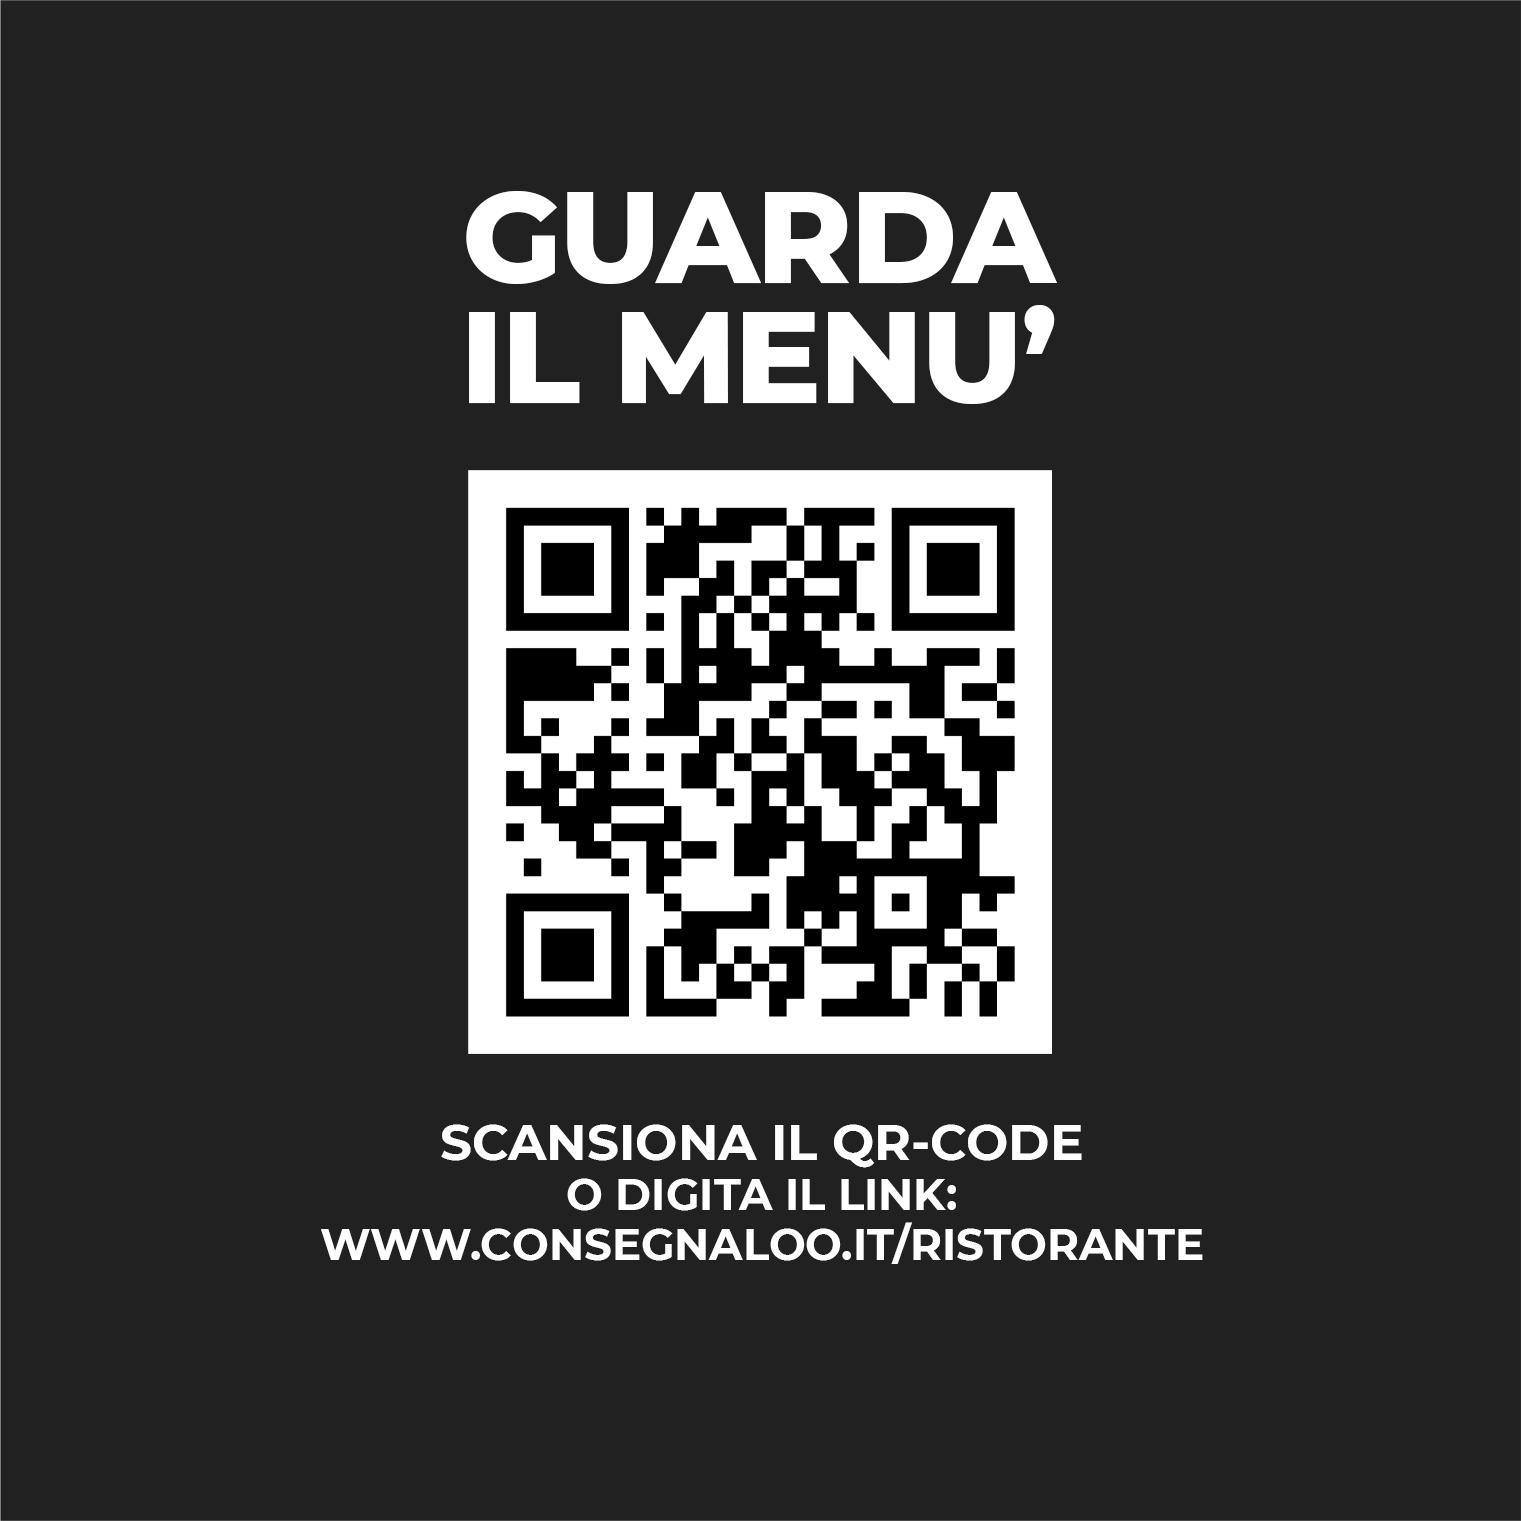 Cartolina Menu con QR-code 01